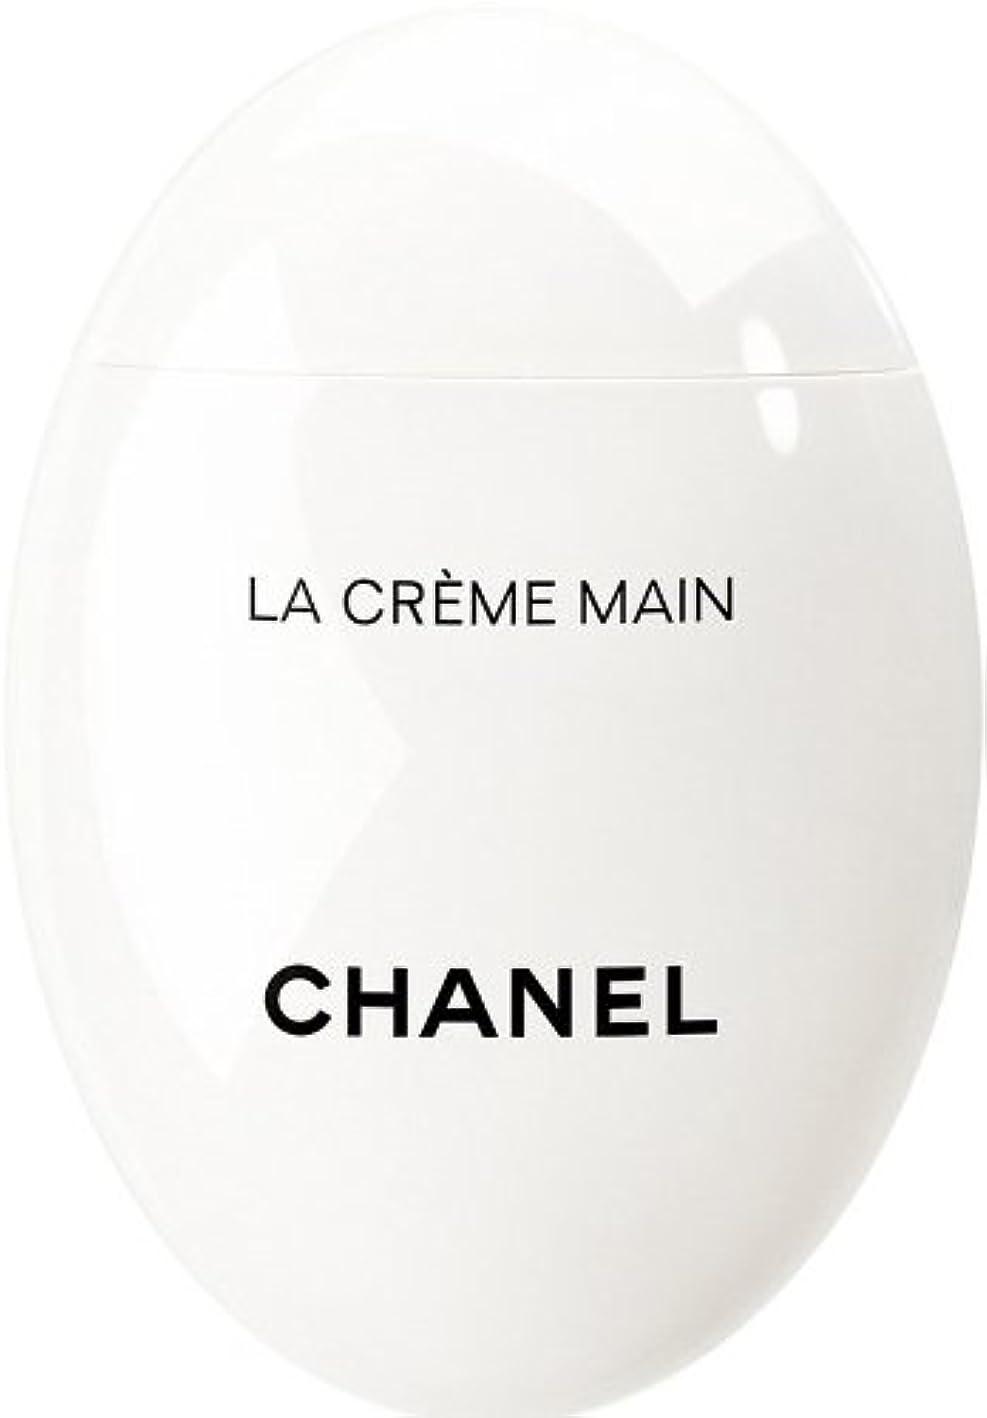 引く覆す過敏なCHANEL LA CRÈME MAIN シャネル ラ クレーム マン ハンドクリーム 50ml